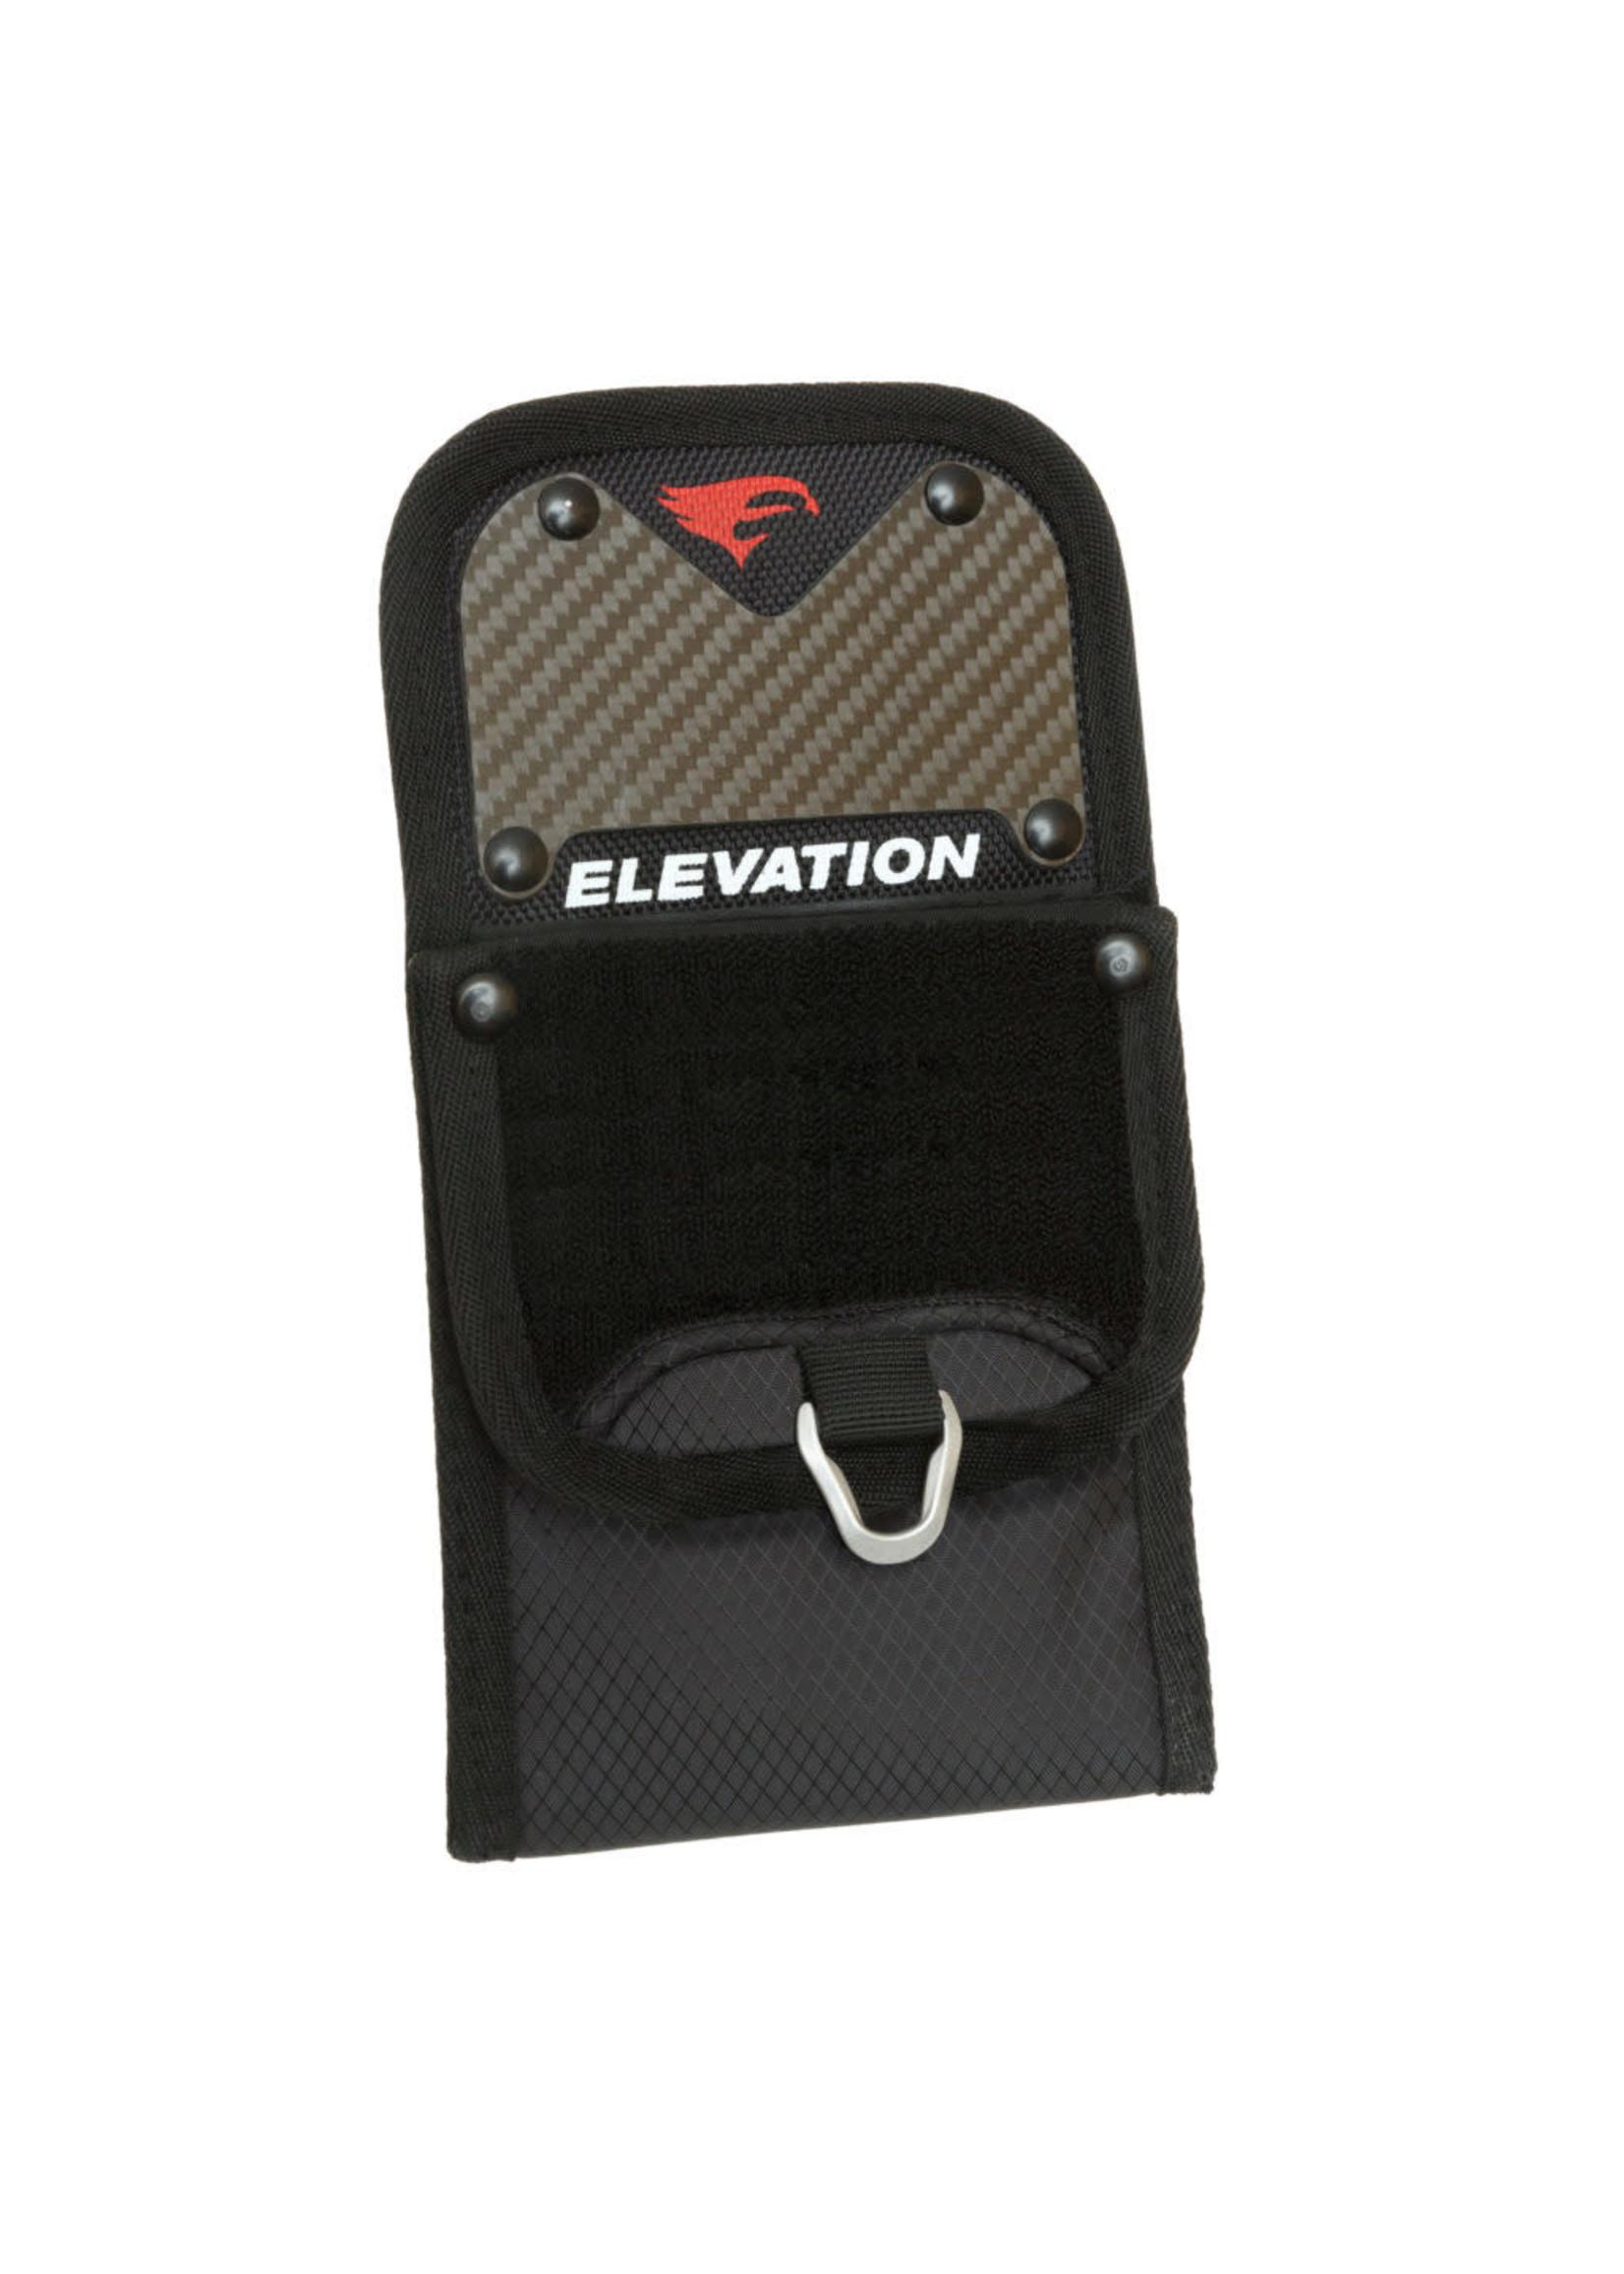 elevation Elevation Aero Pocket Quiver